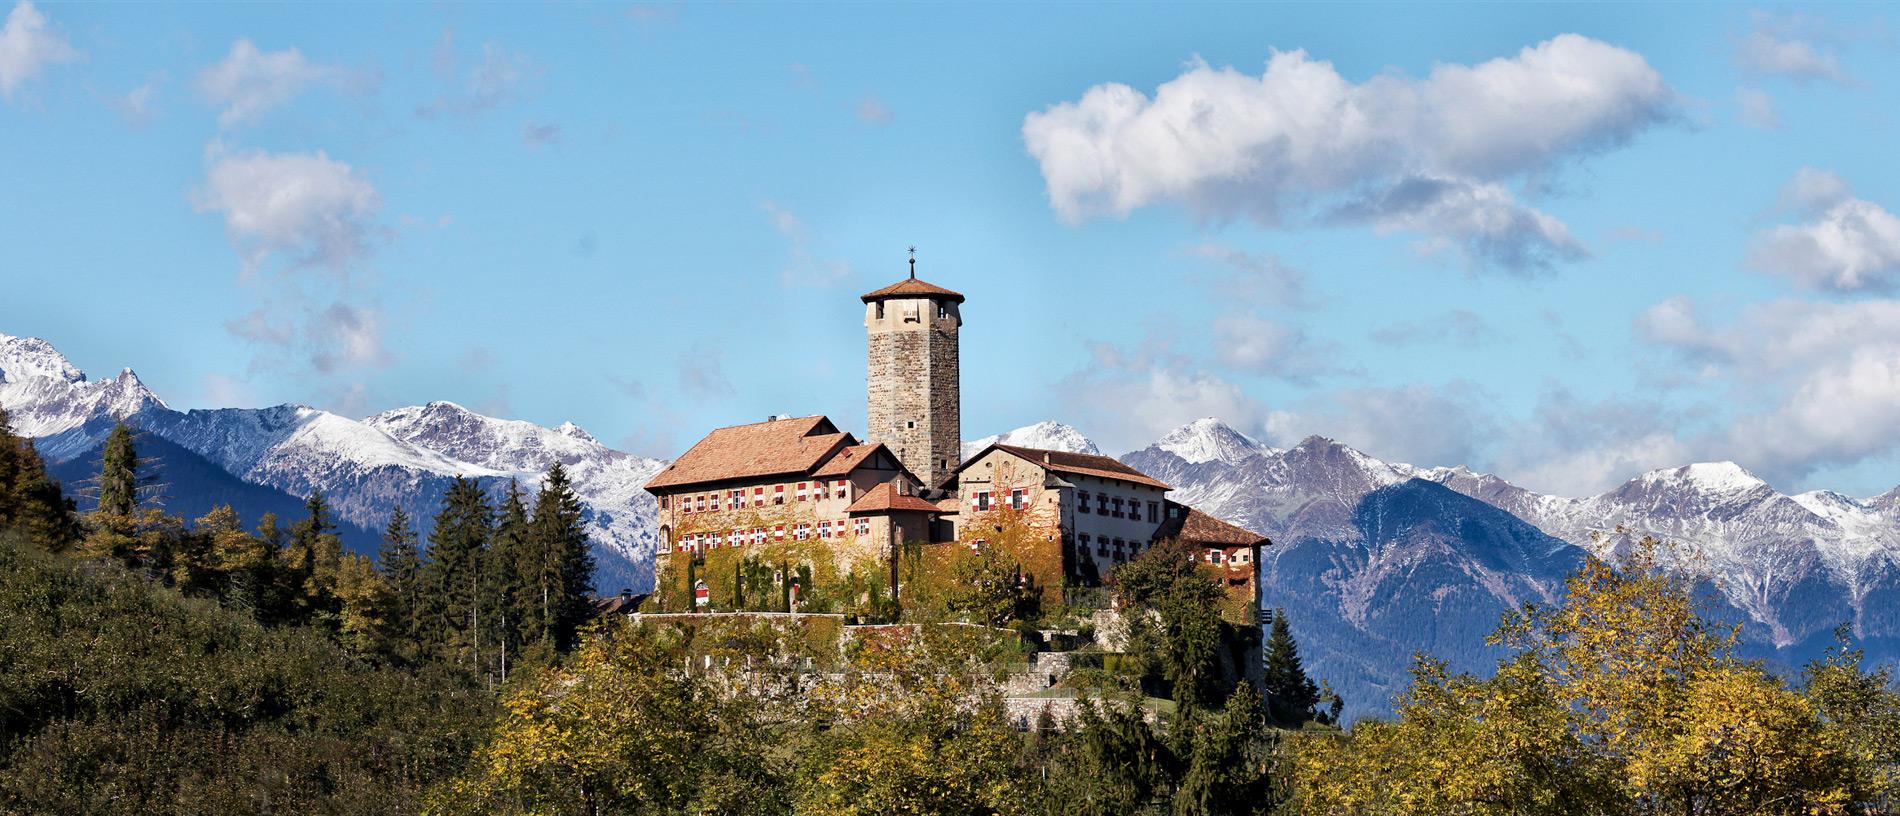 Castel Valer immortalato in una giornata soleggiata... uno spettacolo incredibile!